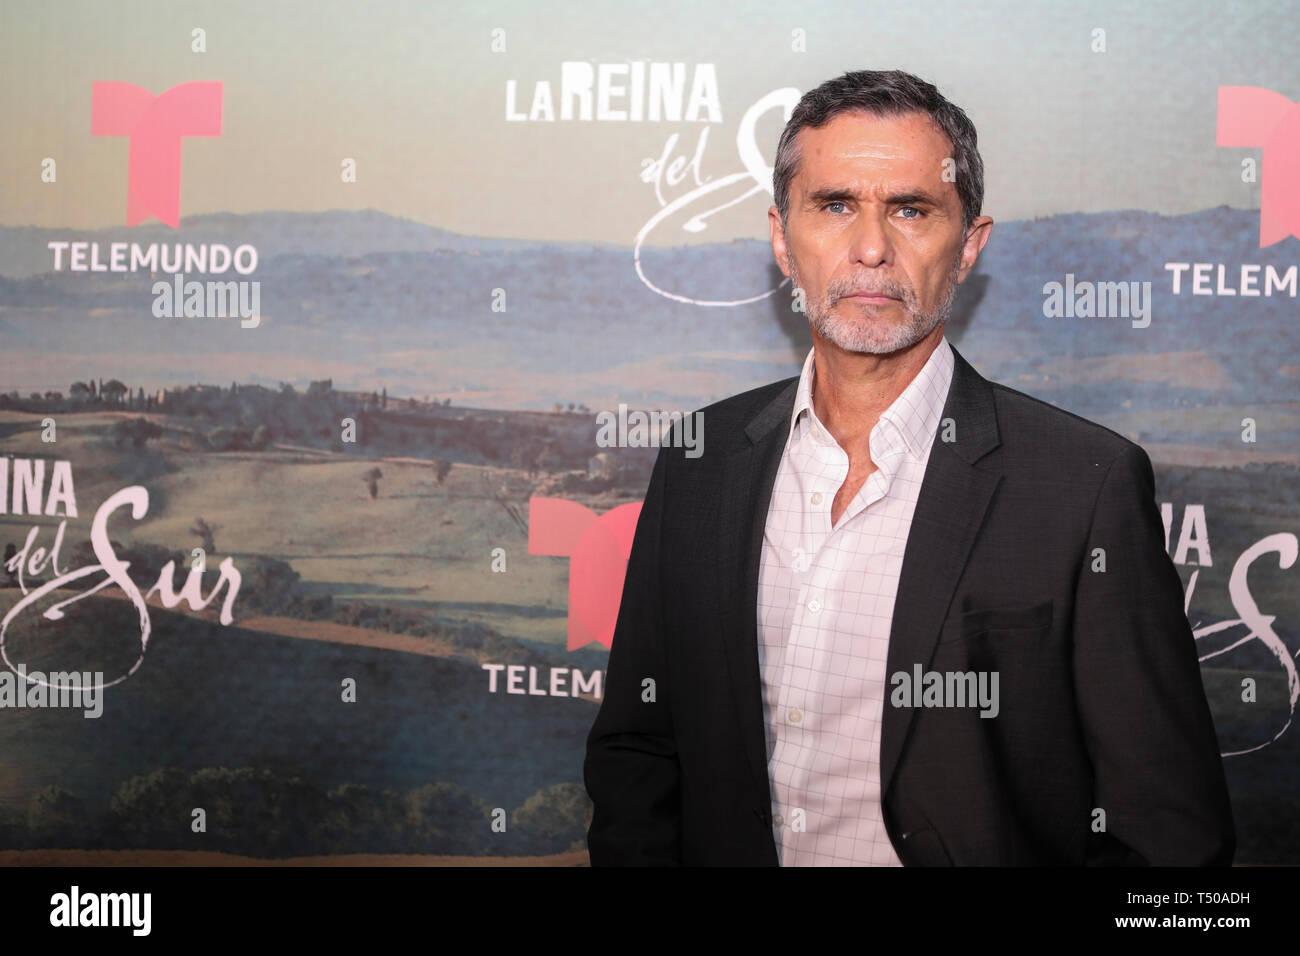 Miami, FL, USA. 18th Apr, 2019. Humberto Zurita at the red carpet premiere screening and Q&A for season 2 of Telemundo's La Reina del Sur at the Telemundo Center in Miami, Florida on April 18, 2019. Credit: Majo Grossi/Media Punch/Alamy Live News - Stock Image